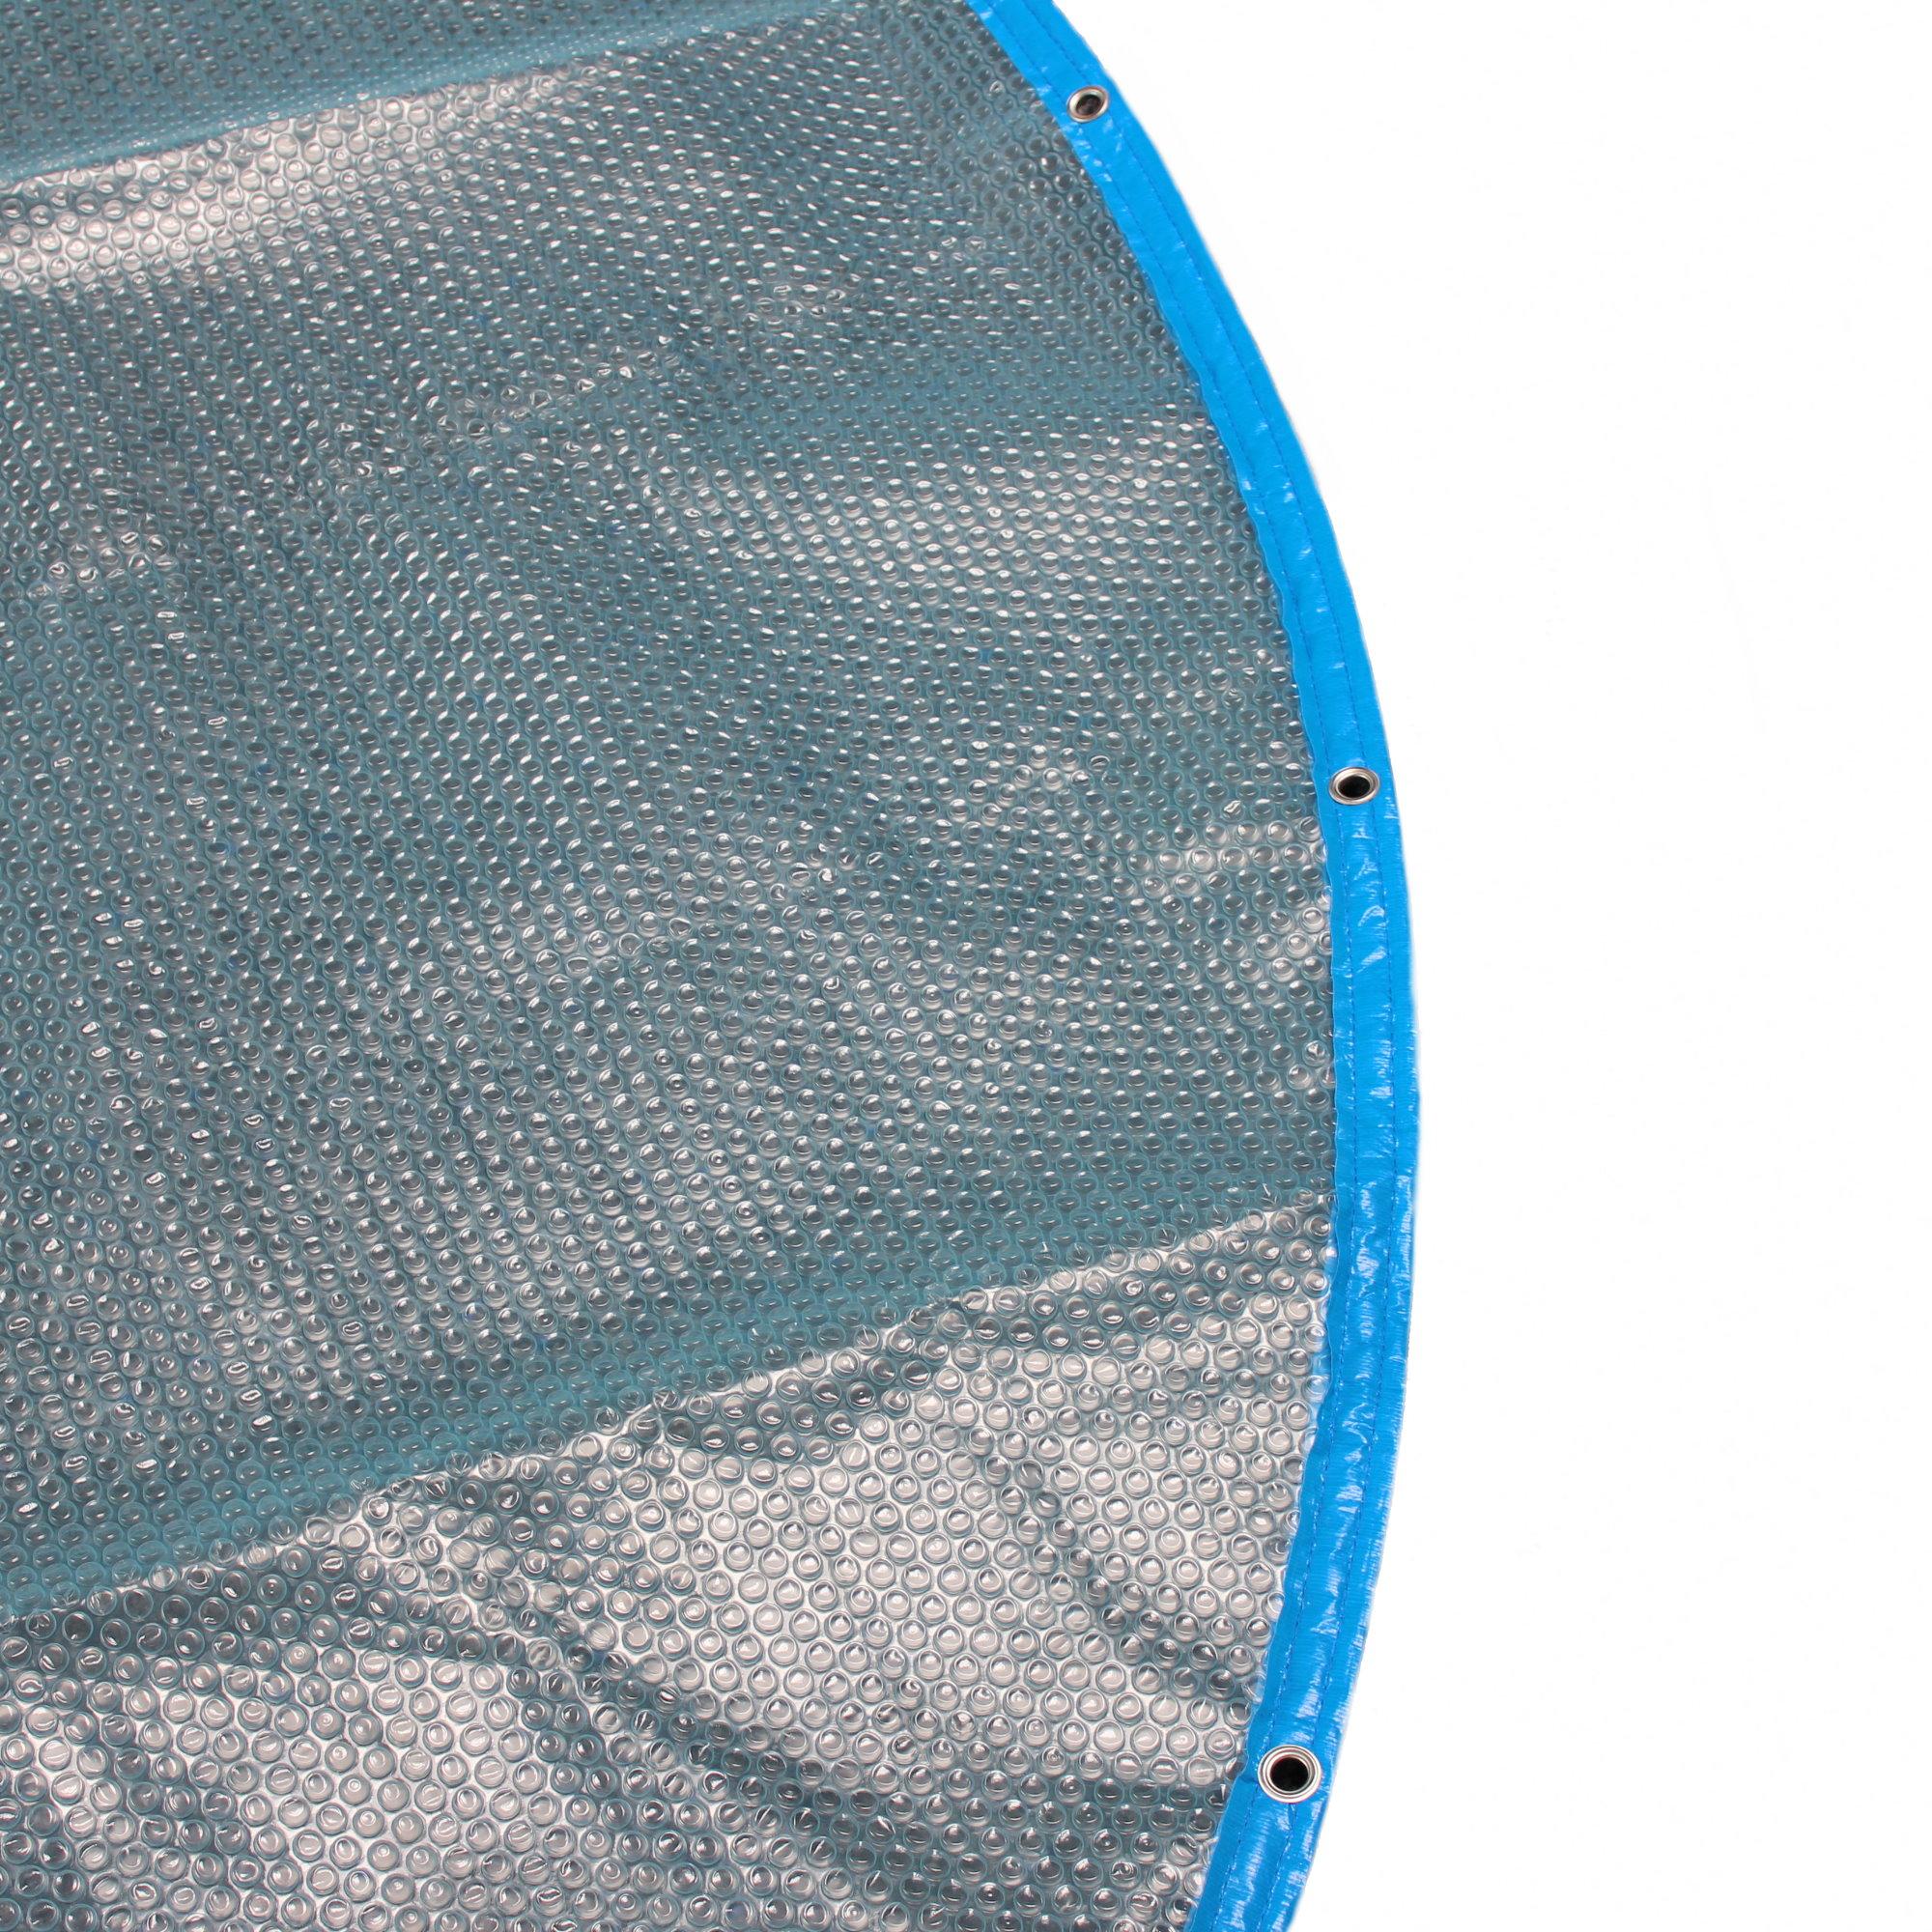 solarabdeckung mit rand und sen 500my blau transluzent. Black Bedroom Furniture Sets. Home Design Ideas